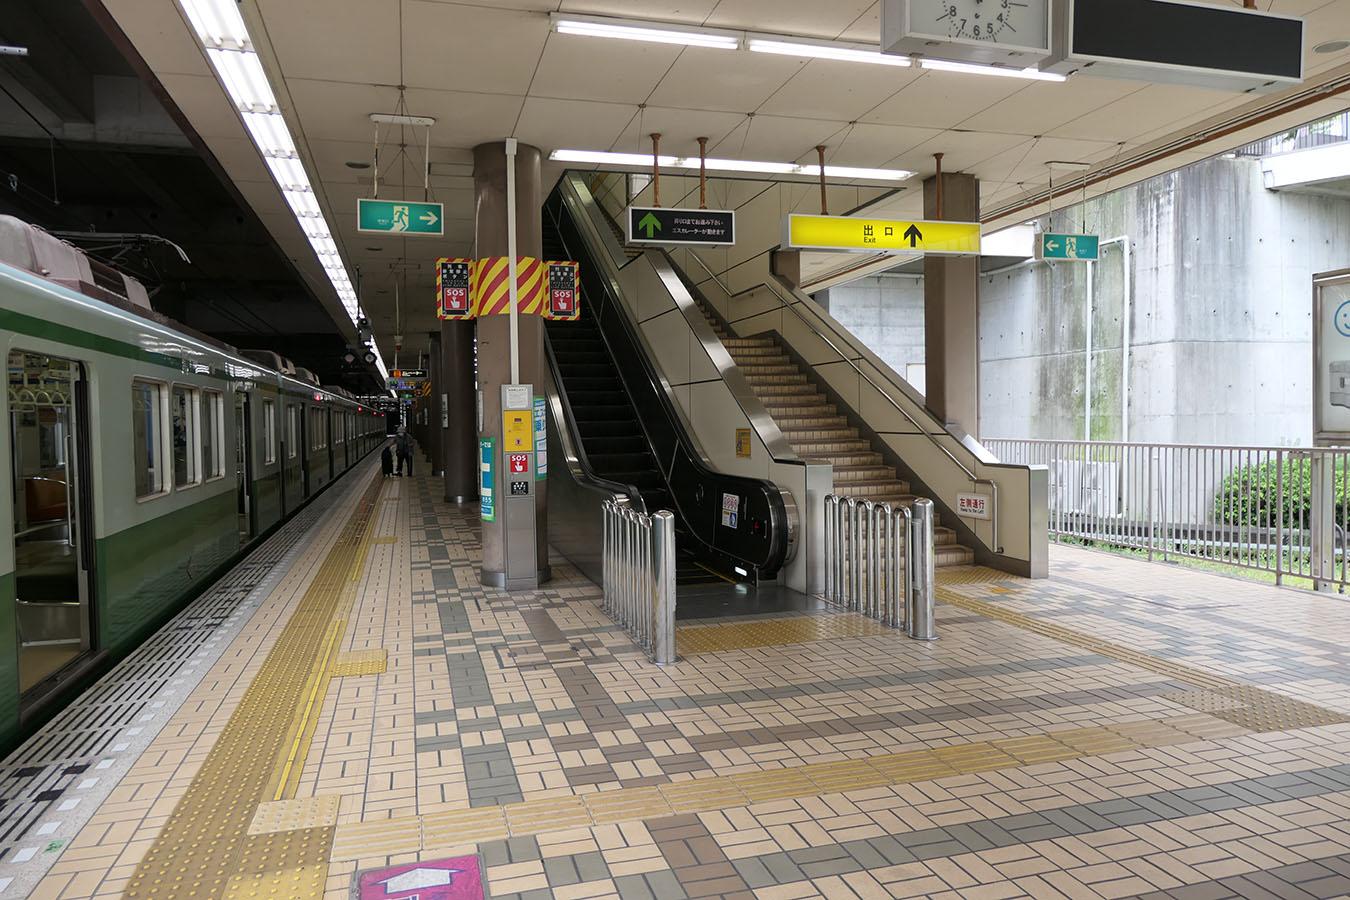 S17_photo02.jpg